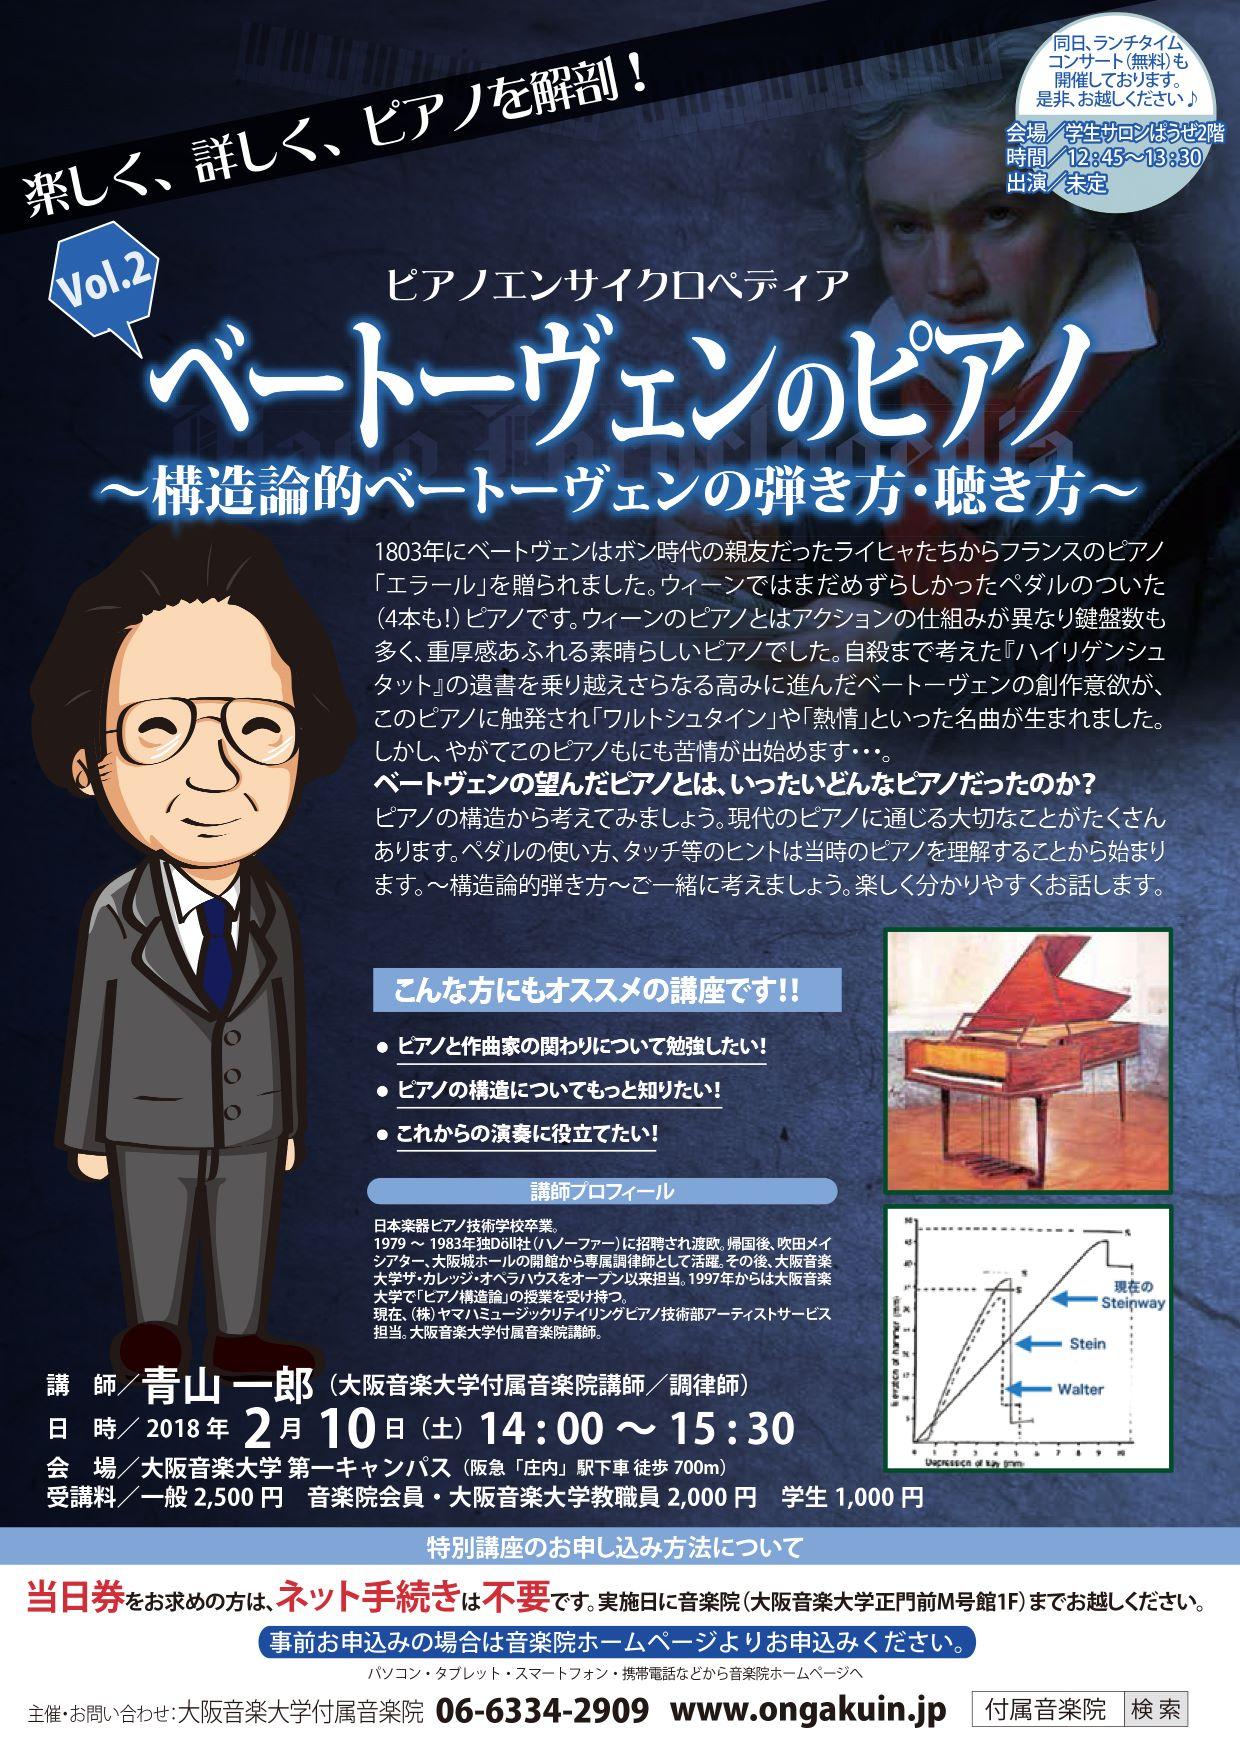 【チラシ】青山一郎のピアノエンサイクロぺディア_20180210